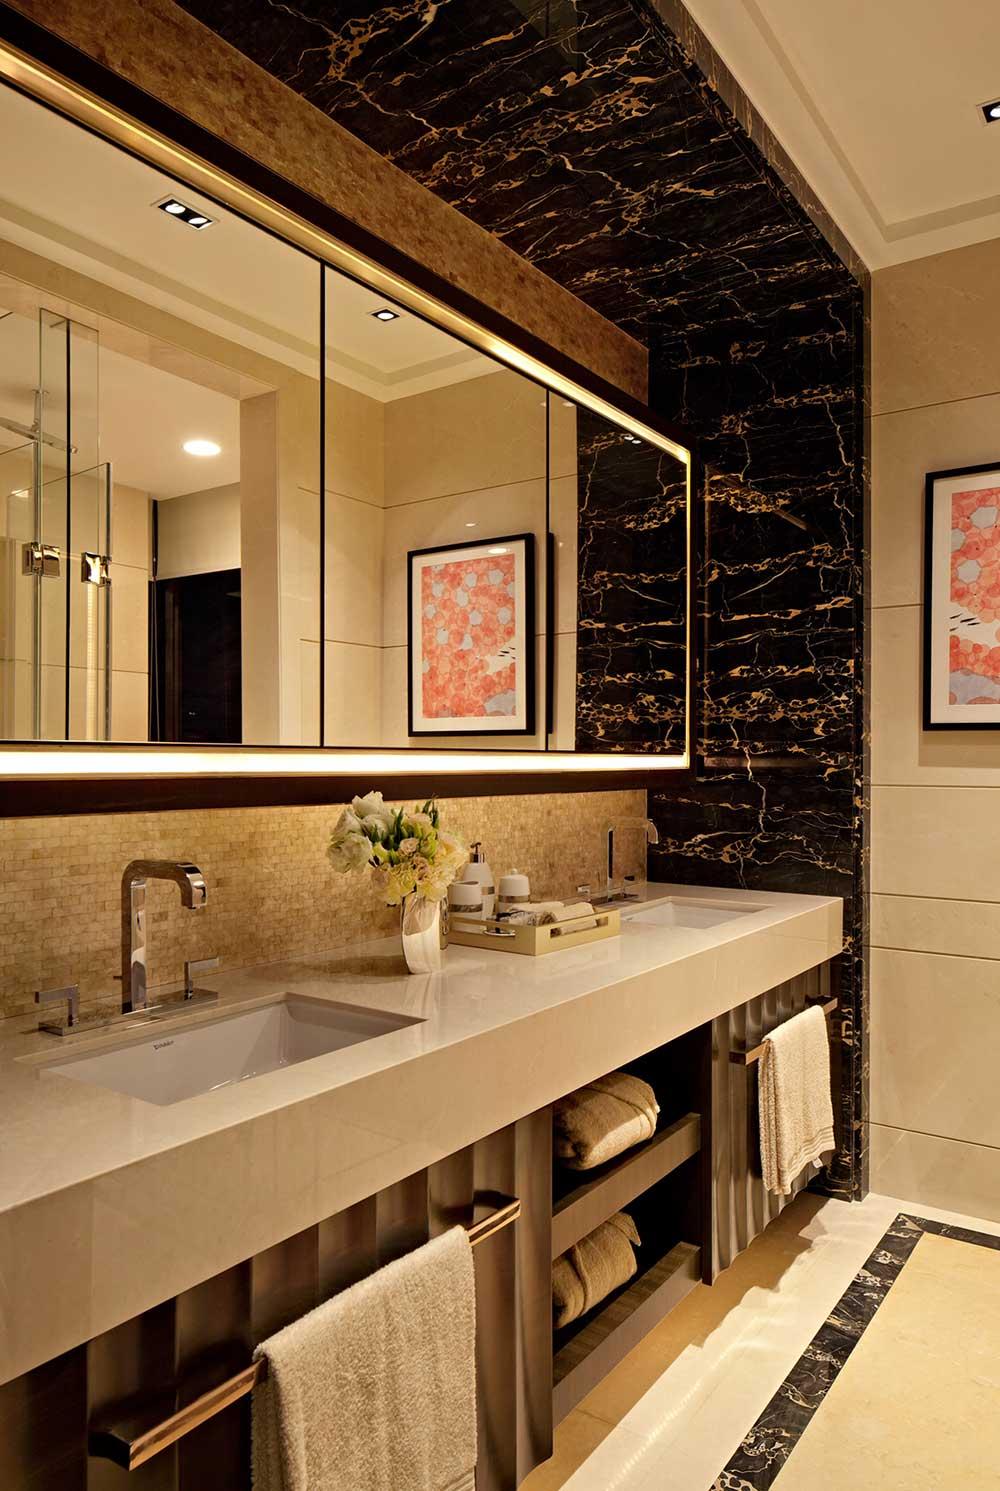 黑色花纹的大理石瓷砖搭配纯色面台,镜面带有灯带,富有创意。